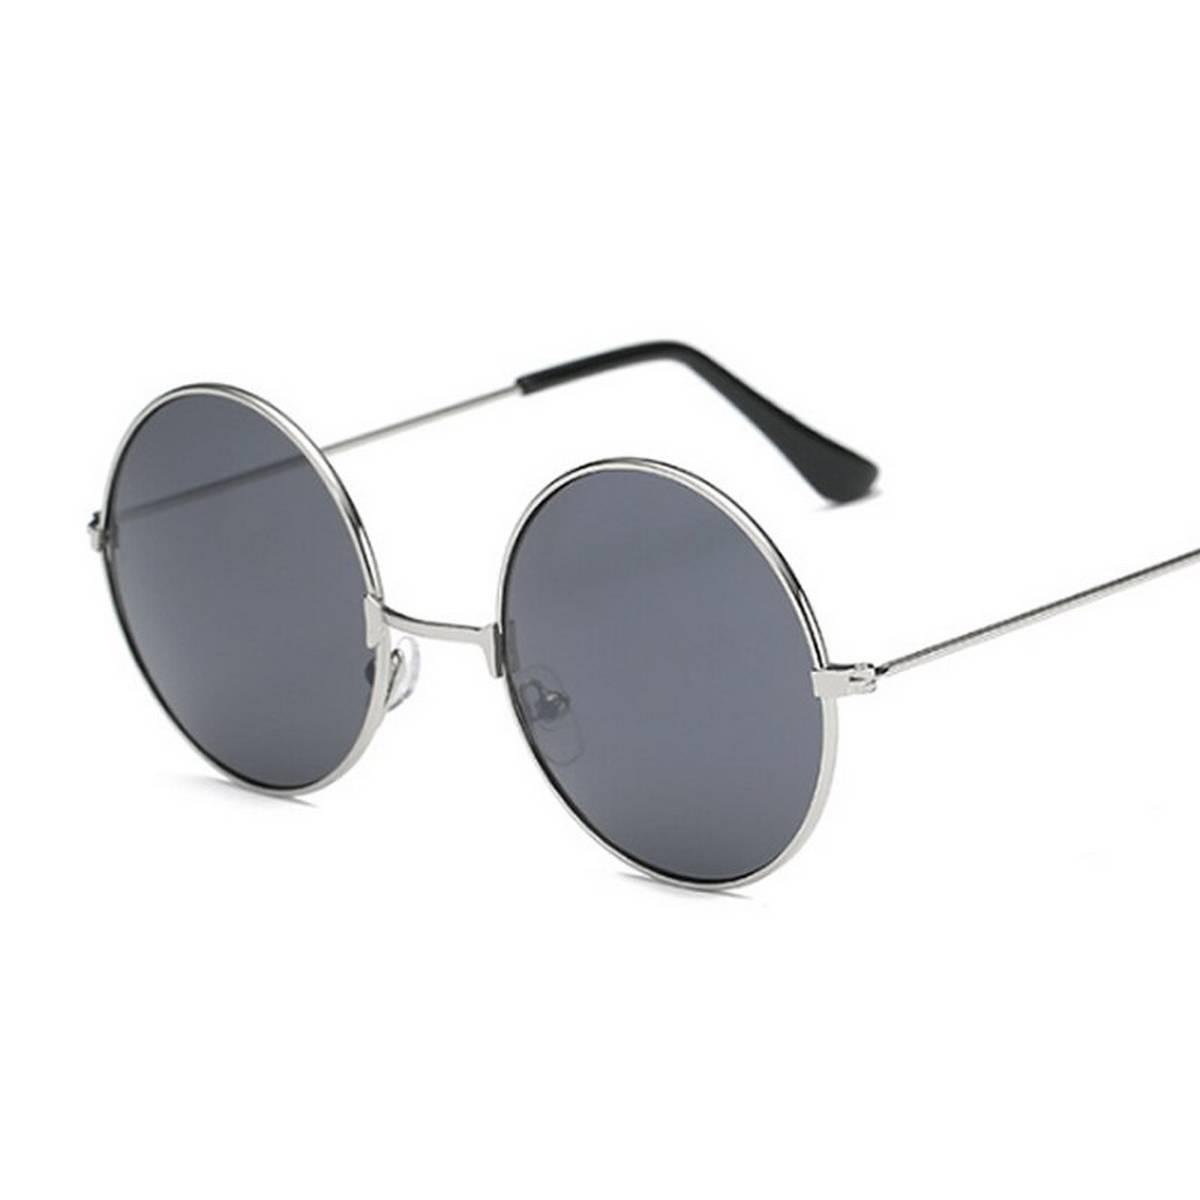 Trendy New Design Round Shape Black Sunglasses- Metal Frame for boys/girls